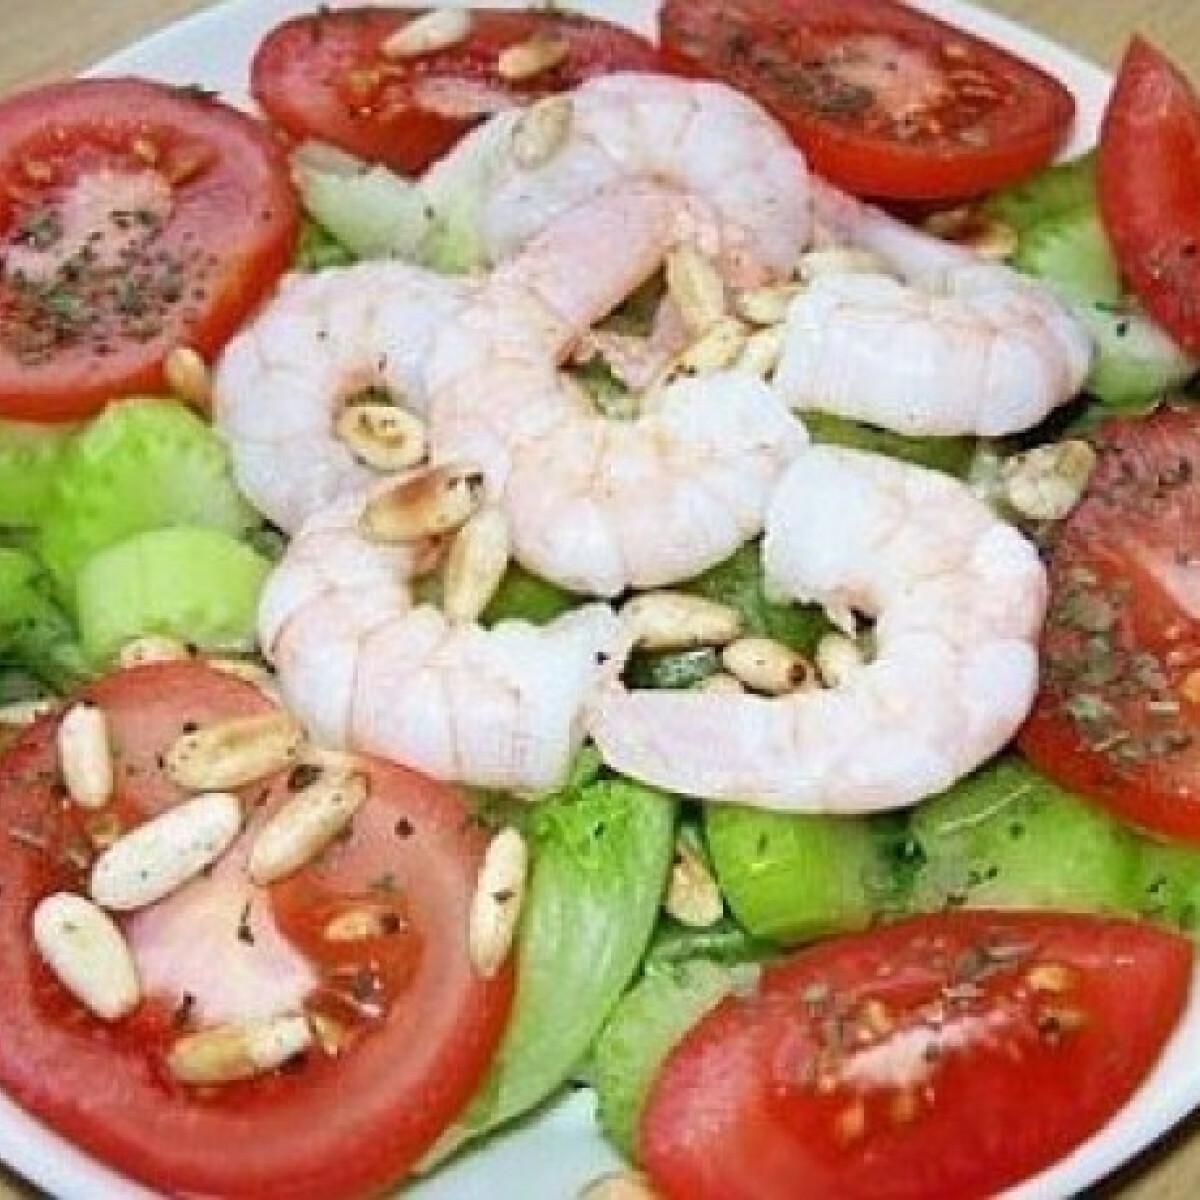 Citromos koktélrák salátával és pirított fenyőmaggal